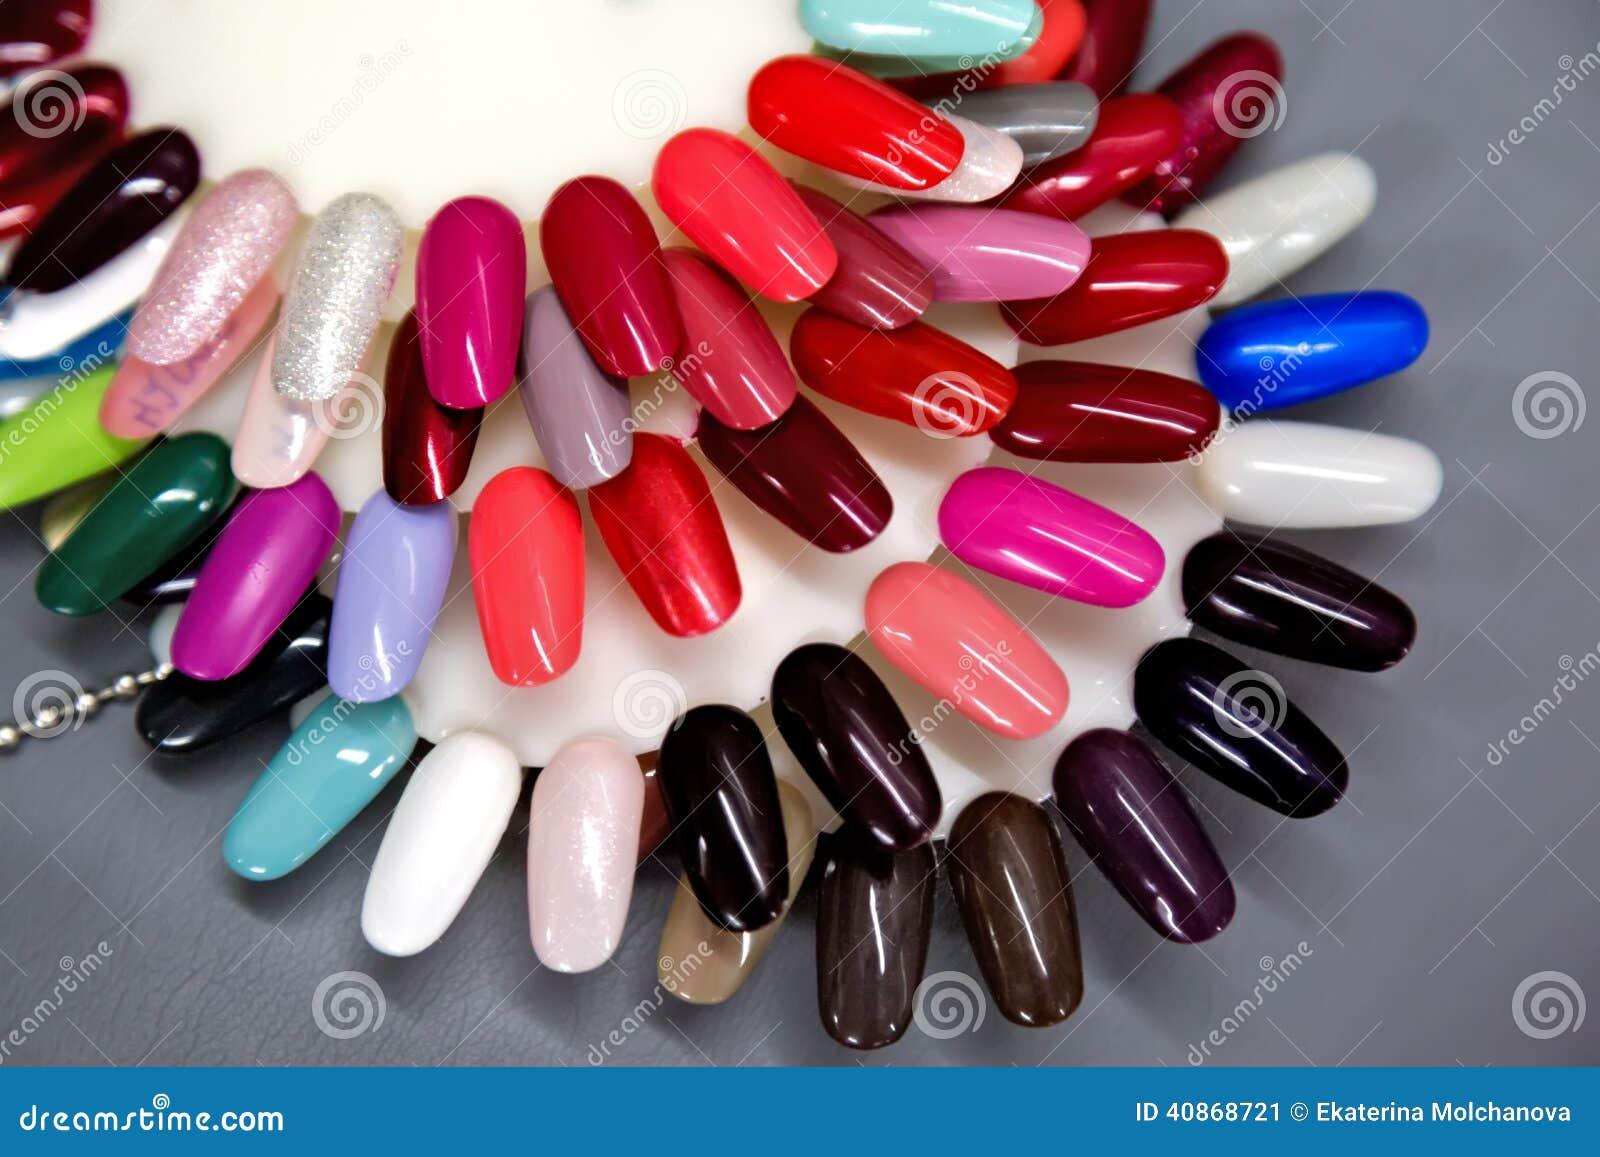 Nail polish samples set stock image. Image of luxury - 40868721